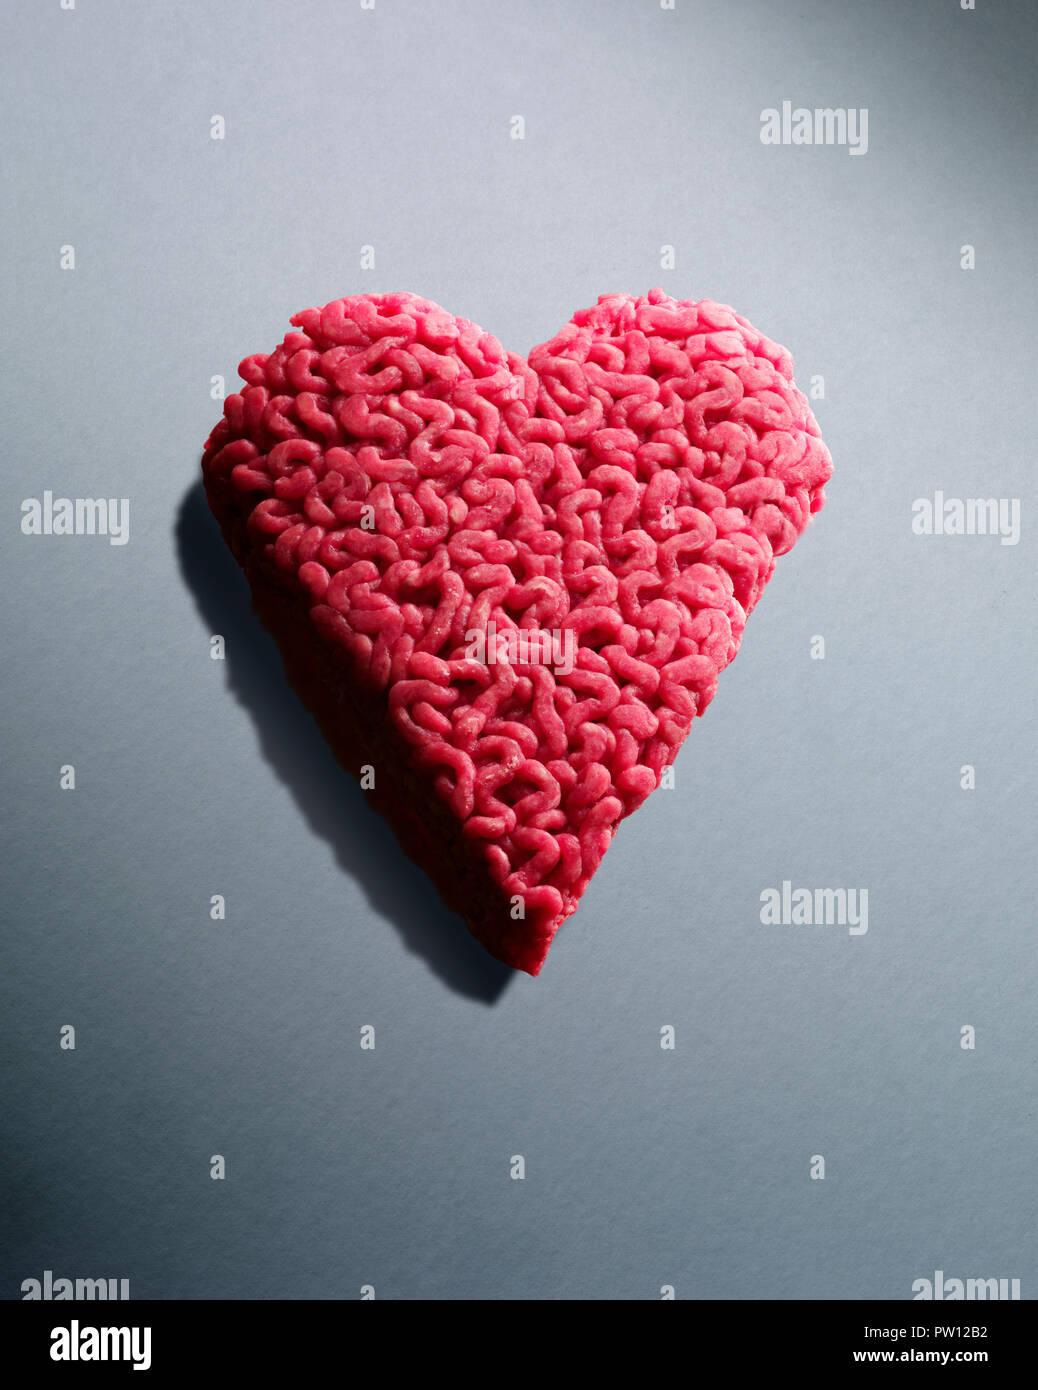 Konzept ein Herz aus Fleisch geerdet, Heartbreak, geerdeten Herz, Herzschmerz, schlechte Beziehung Stockbild